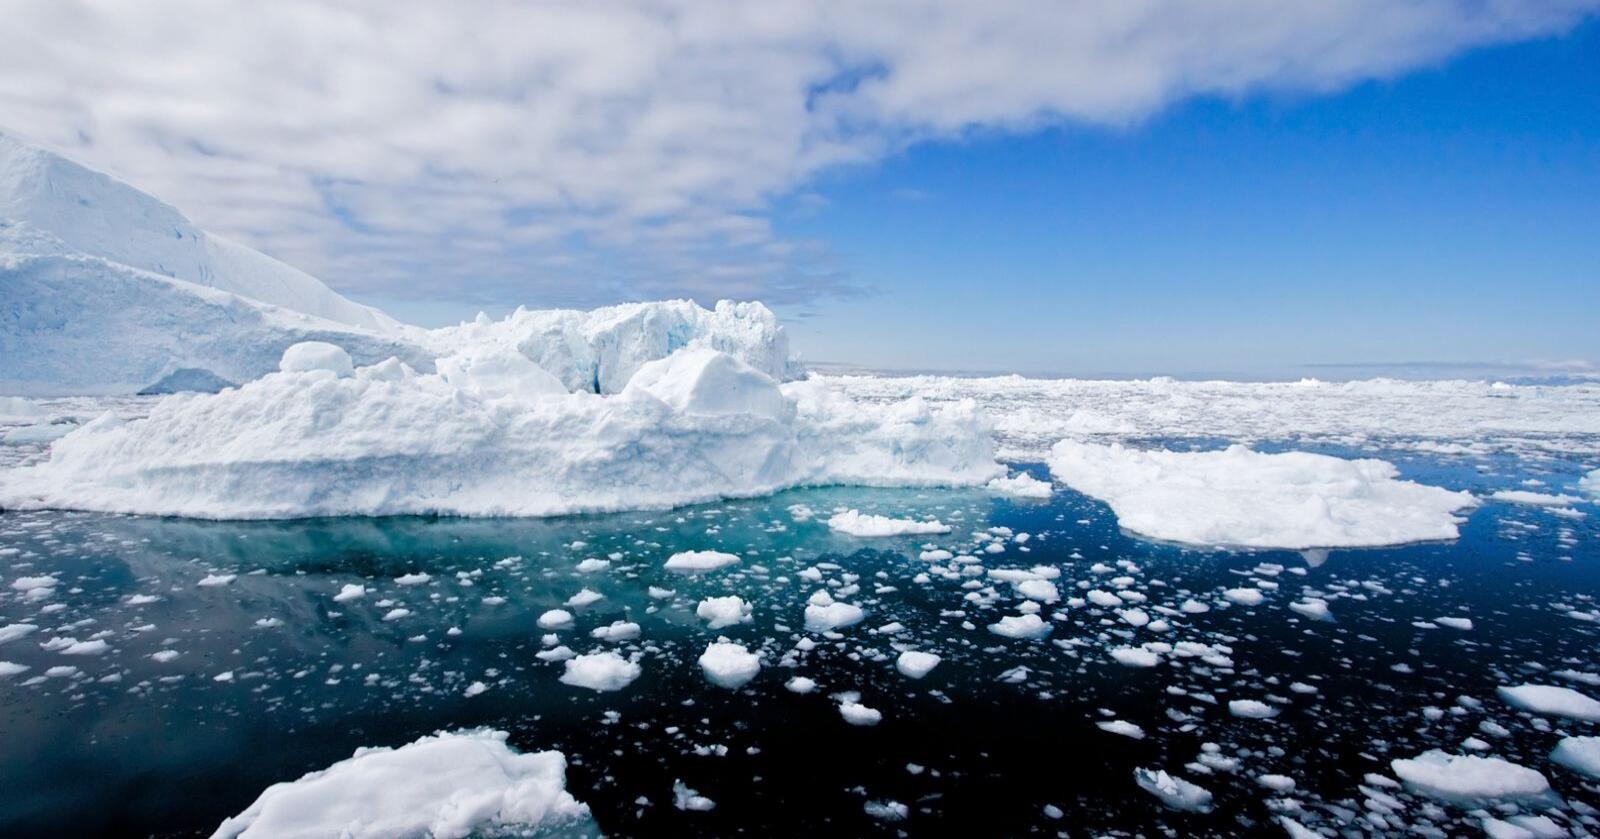 Iskanten er overgangen mellom åpent hav og havis i Arktis. Den har høy økologisk sårbarhet og er av avgjørende betydning for en rekke rødlistede arter. Iskanten er i bevegelse hele året. Bildet er fra Aktis. Foto: Mostphotos